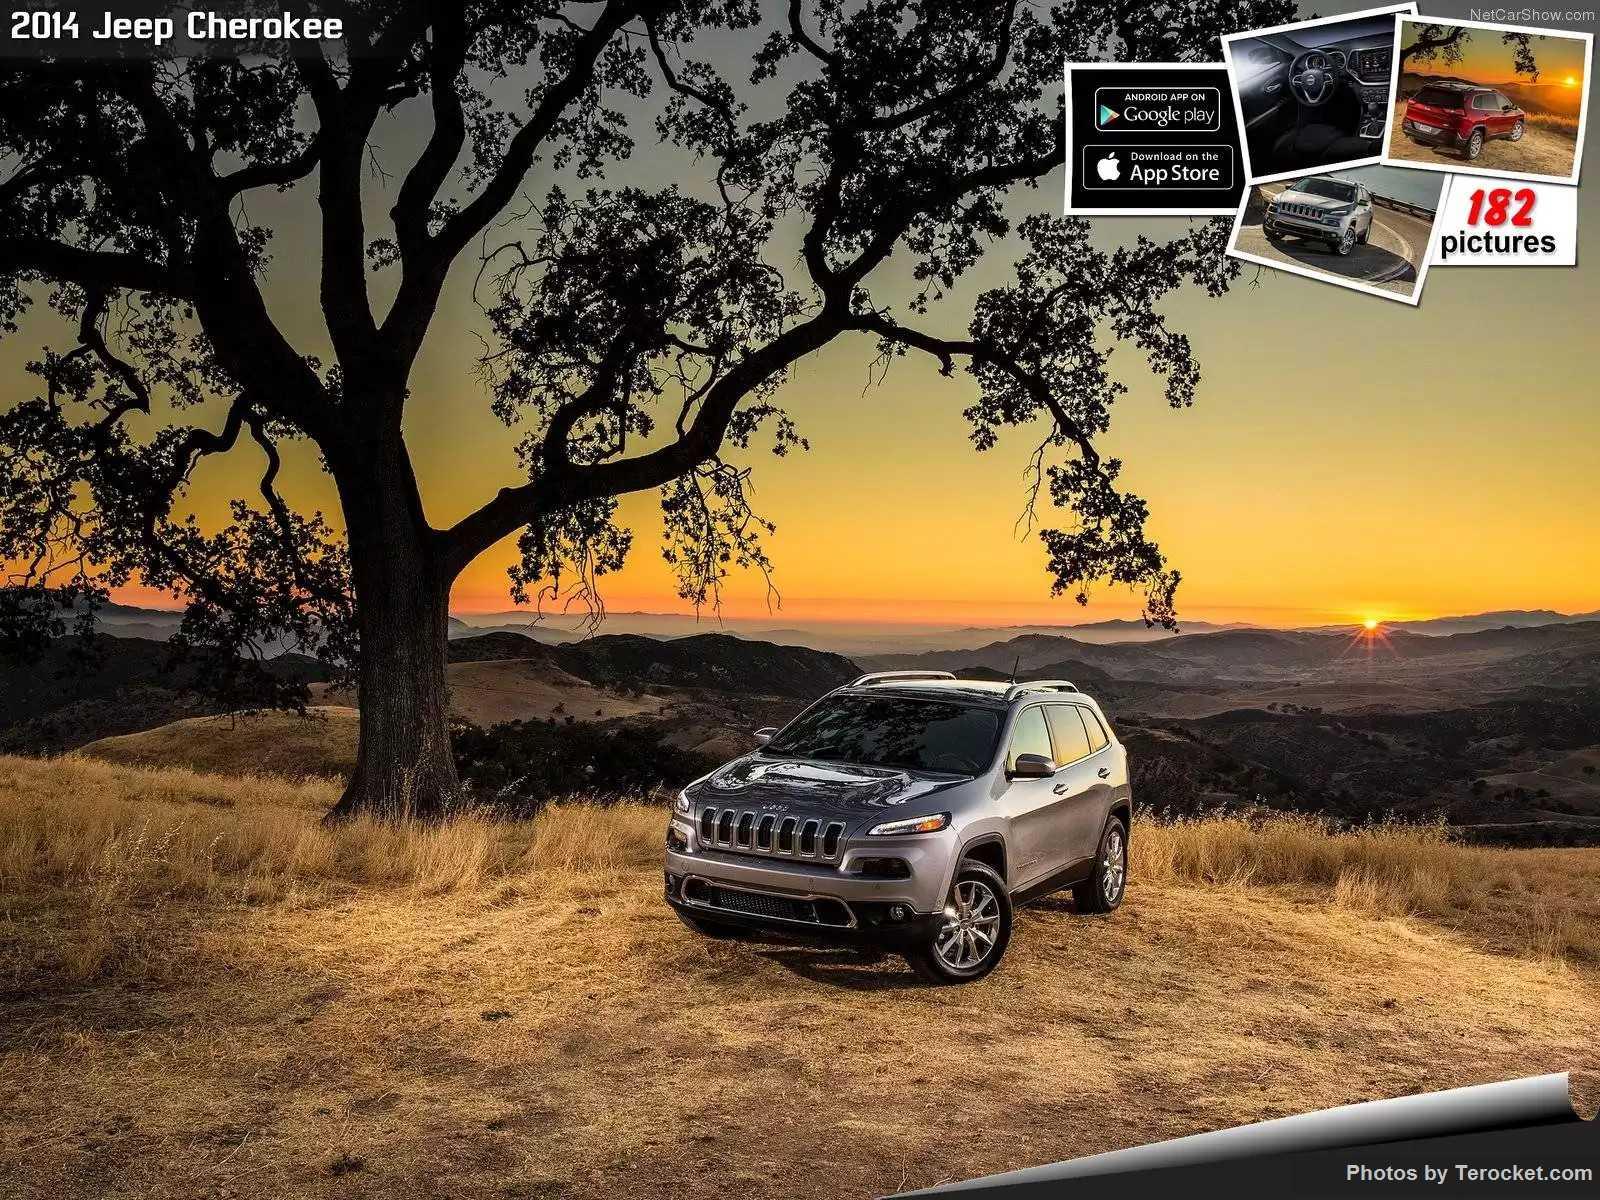 Hình ảnh xe ô tô Jeep Cherokee 2014 & nội ngoại thất